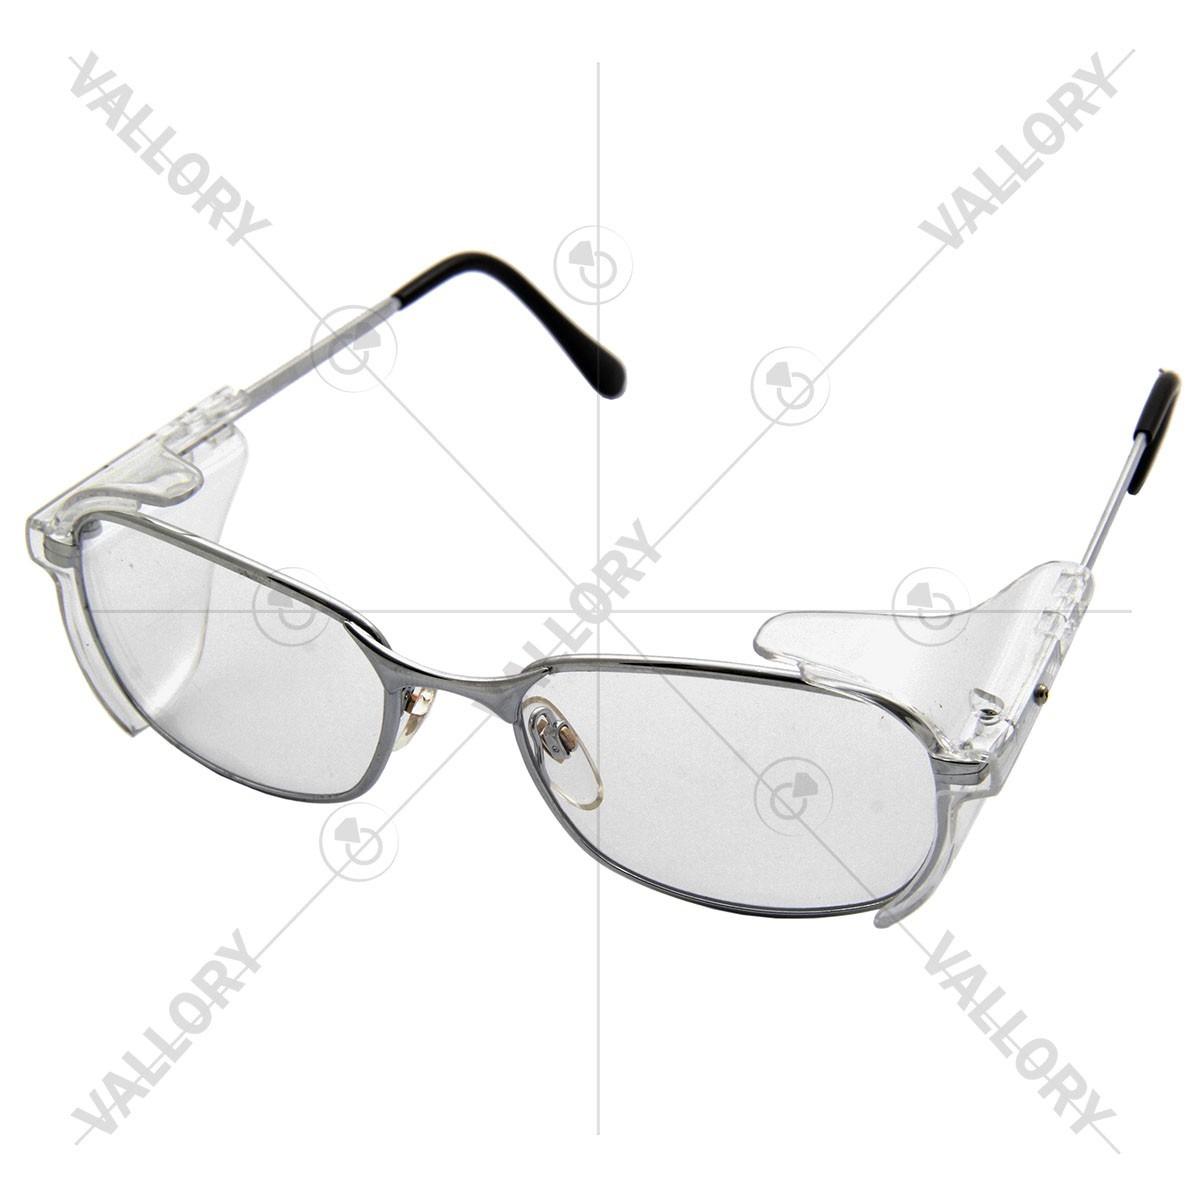 ac44026e6af37 armação oculos grau proteção seguranca do trabalho moderno. Carregando zoom.